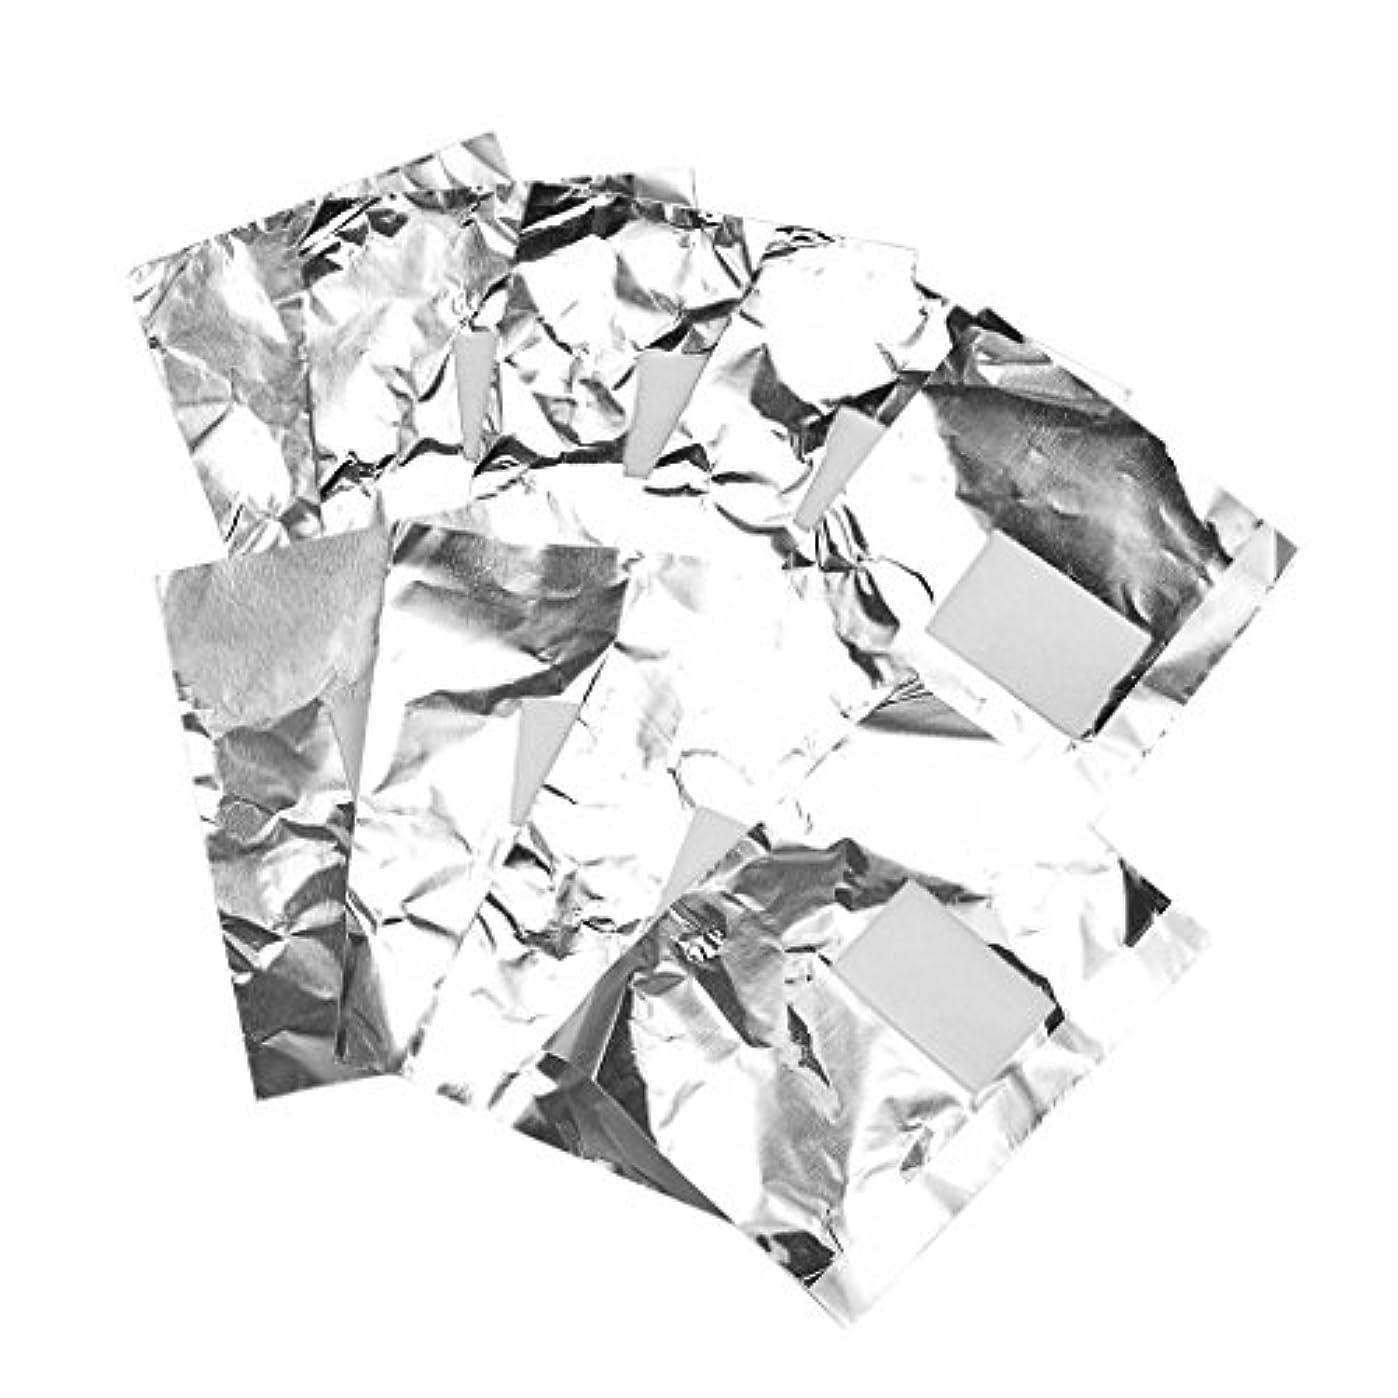 アリチューインガム舌Kesoto 約100枚 ジェル除却 ネイルアート ネイル装飾除き 錫箔紙 ネイルオイル 包み紙 クリーナーツール